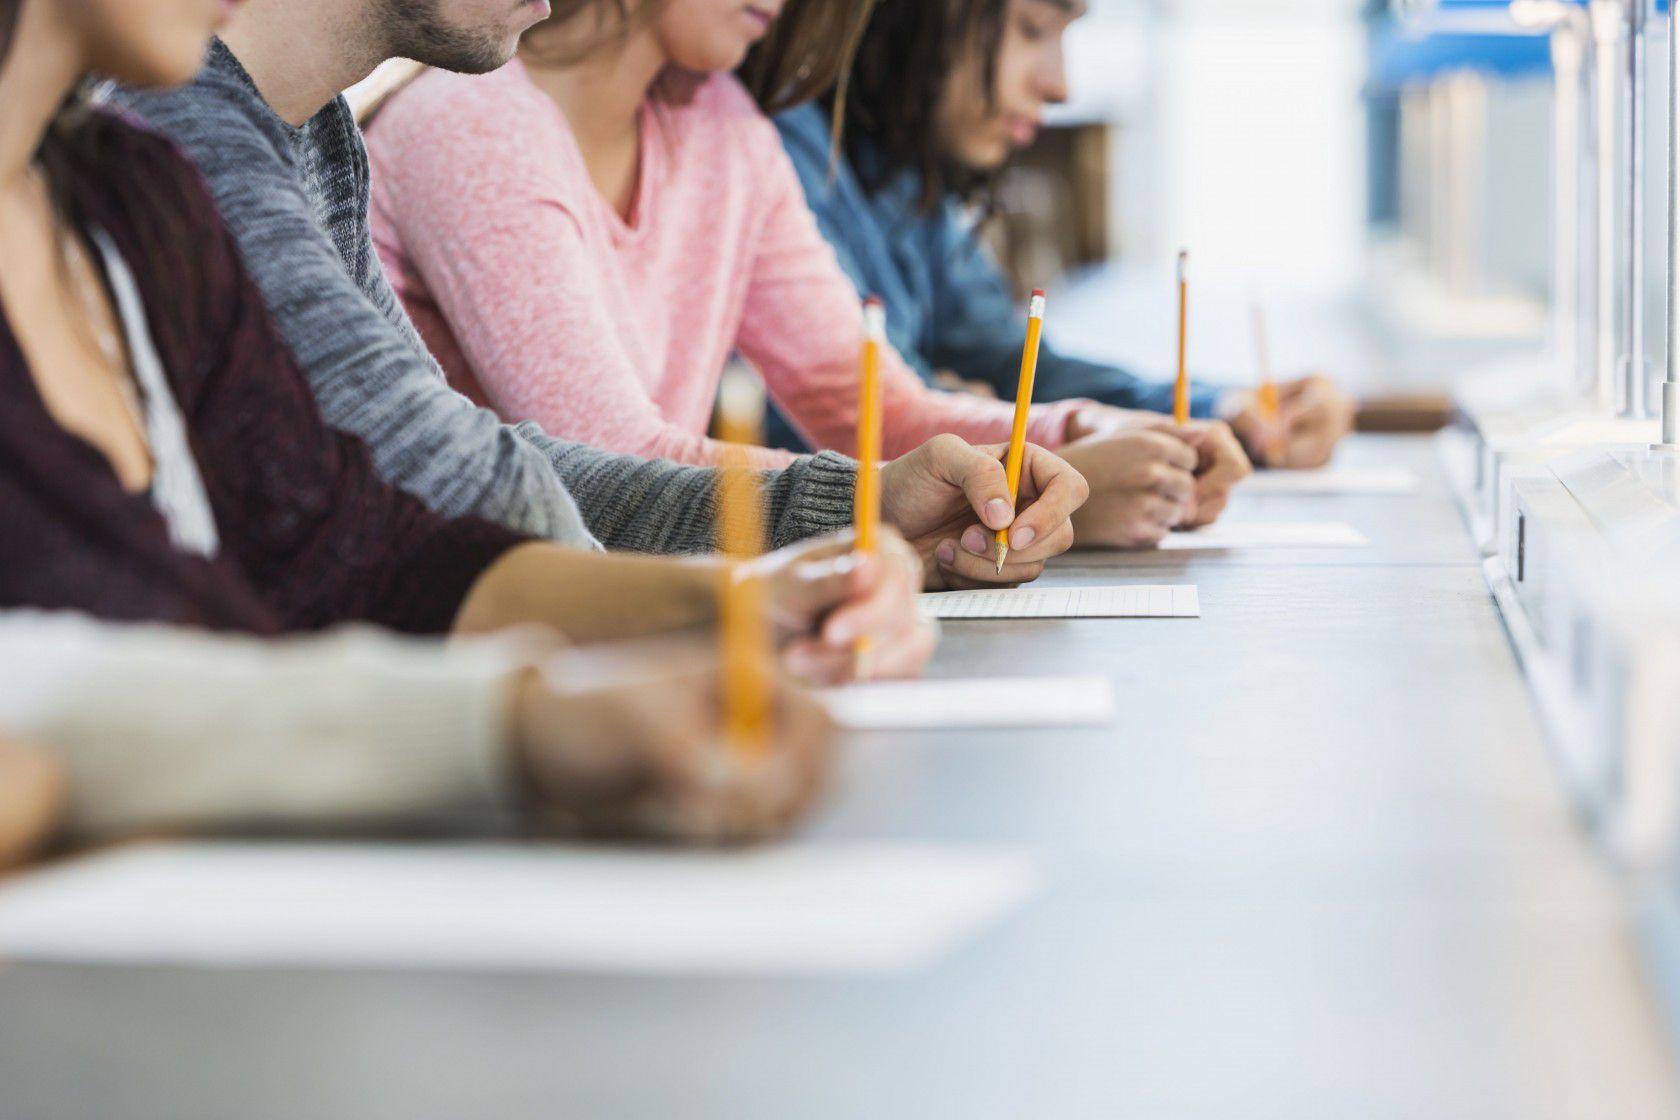 Aileler neden Avrupa'da lise eğitim programlarını tercih ediyor?